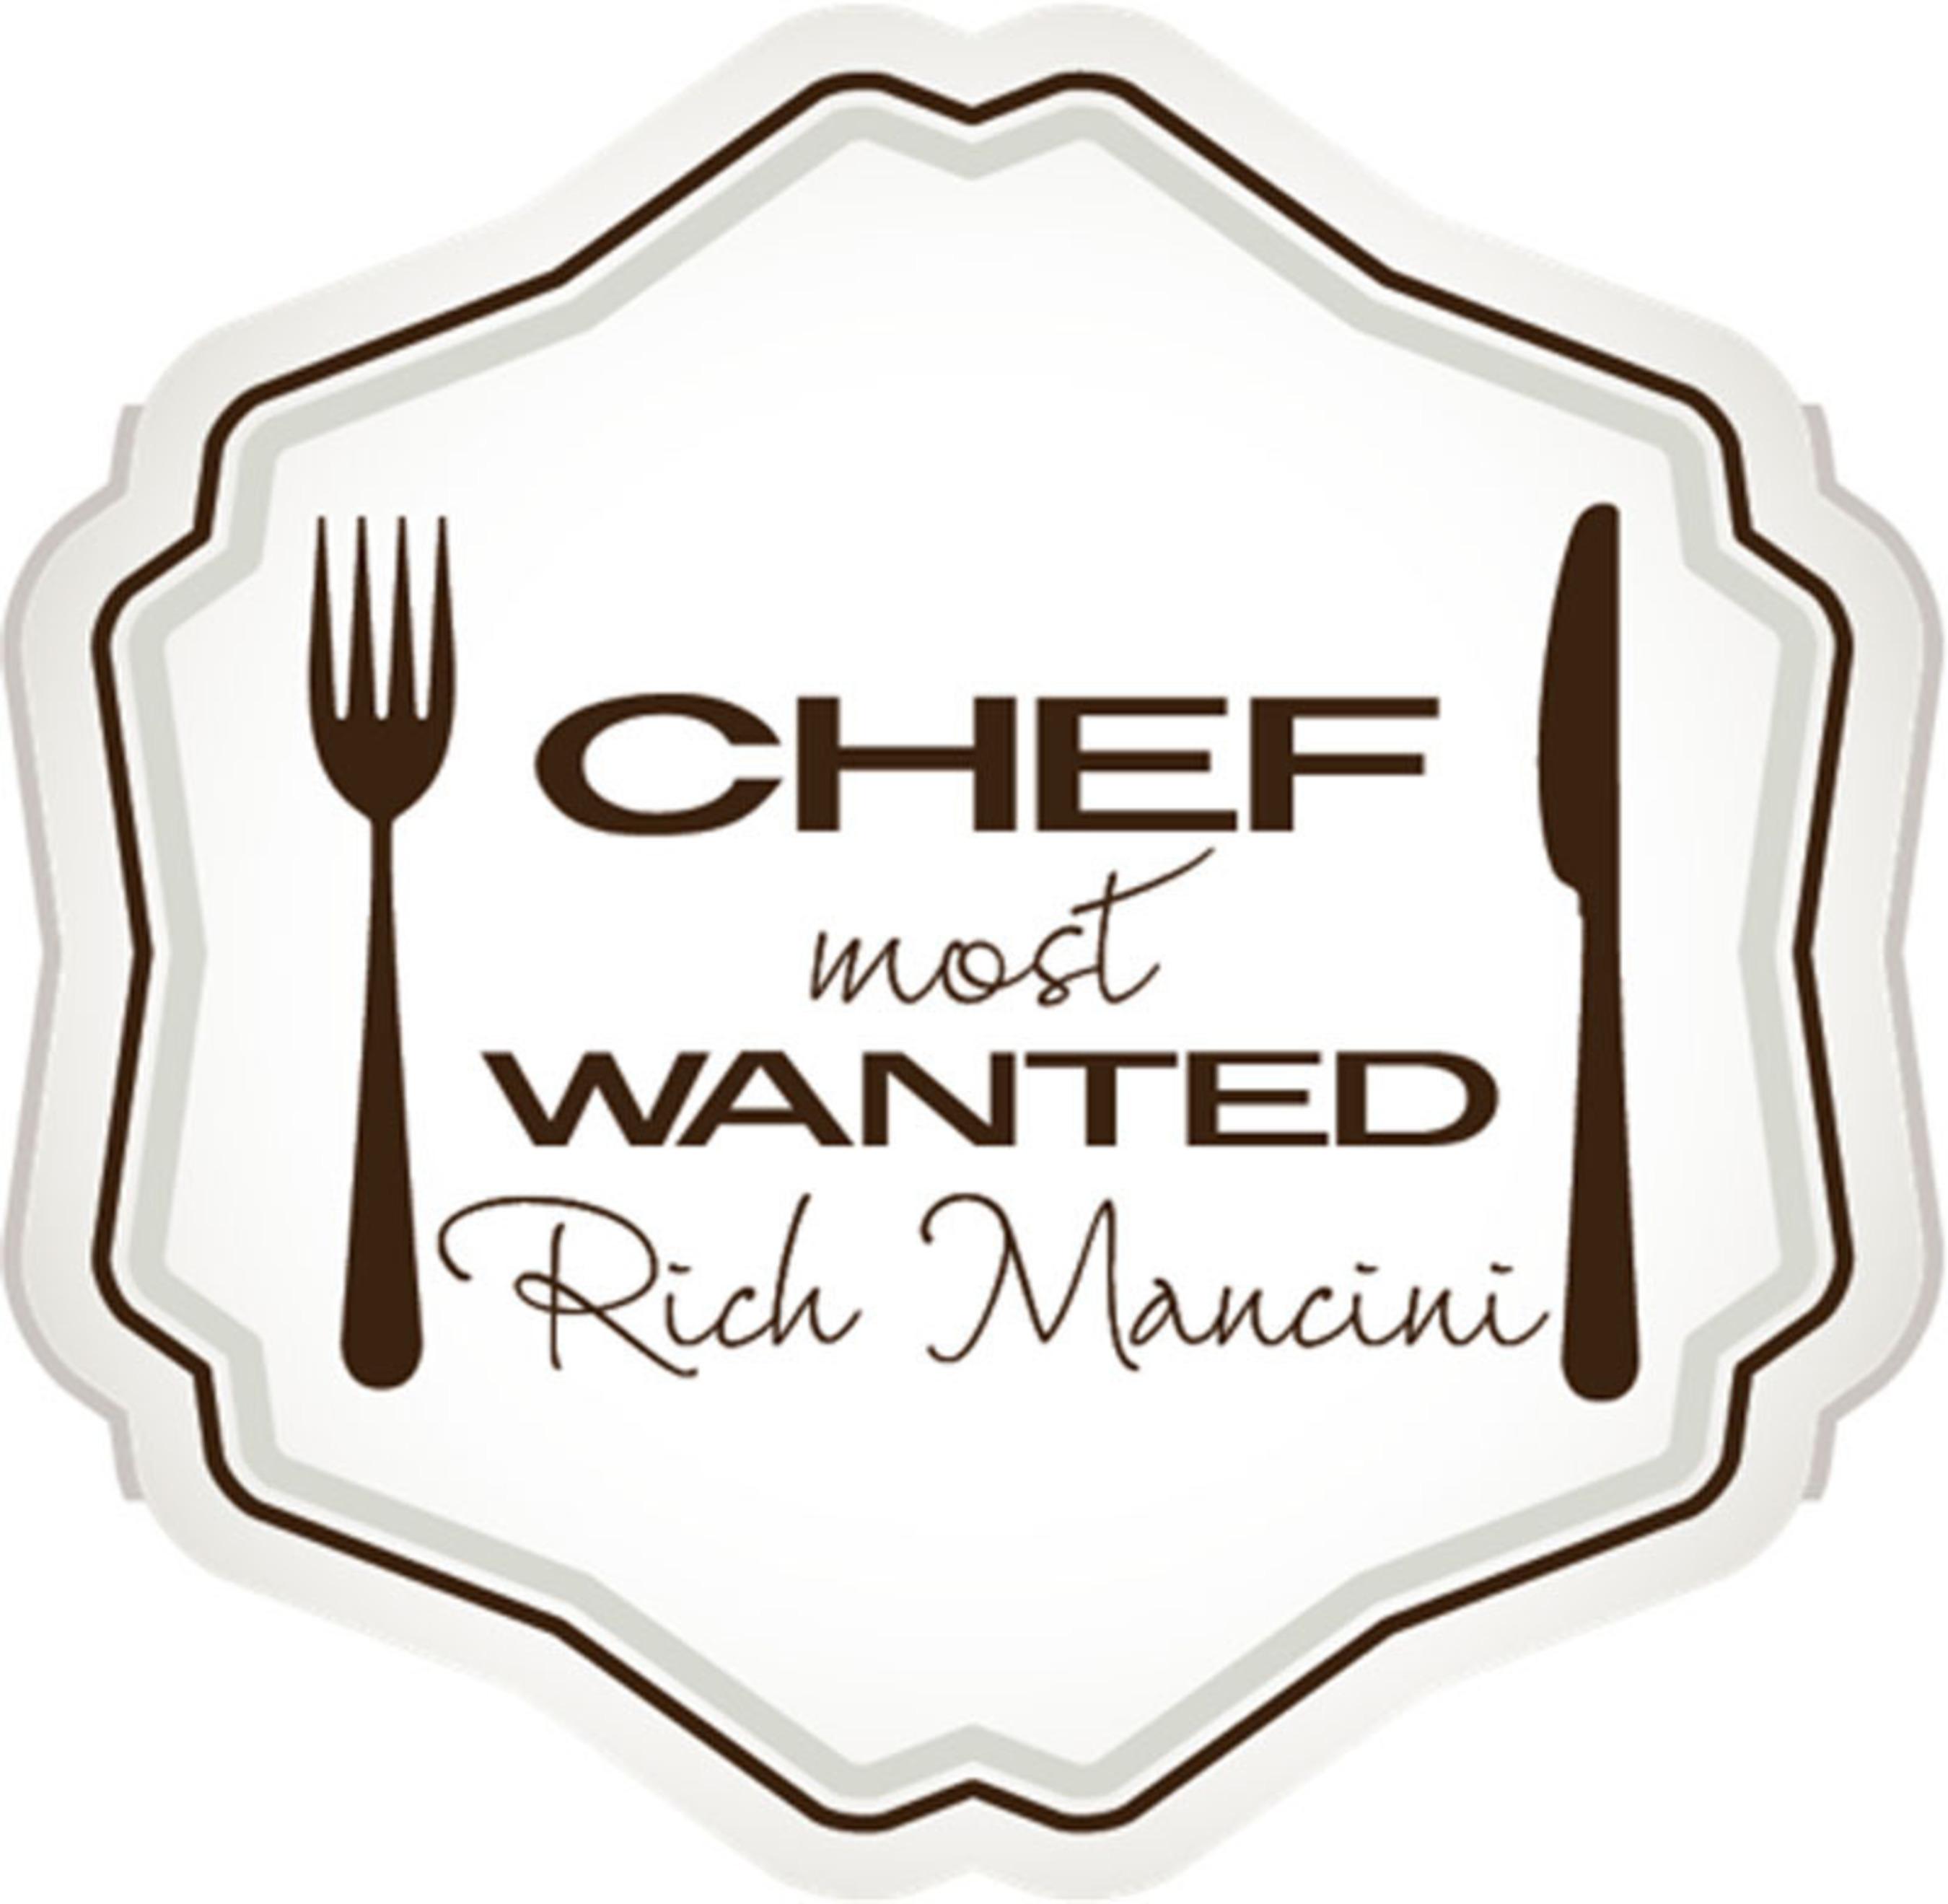 Chef Most Wanted. (PRNewsFoto/Chef Rich Mancini) (PRNewsFoto/CHEF RICH MANCINI)